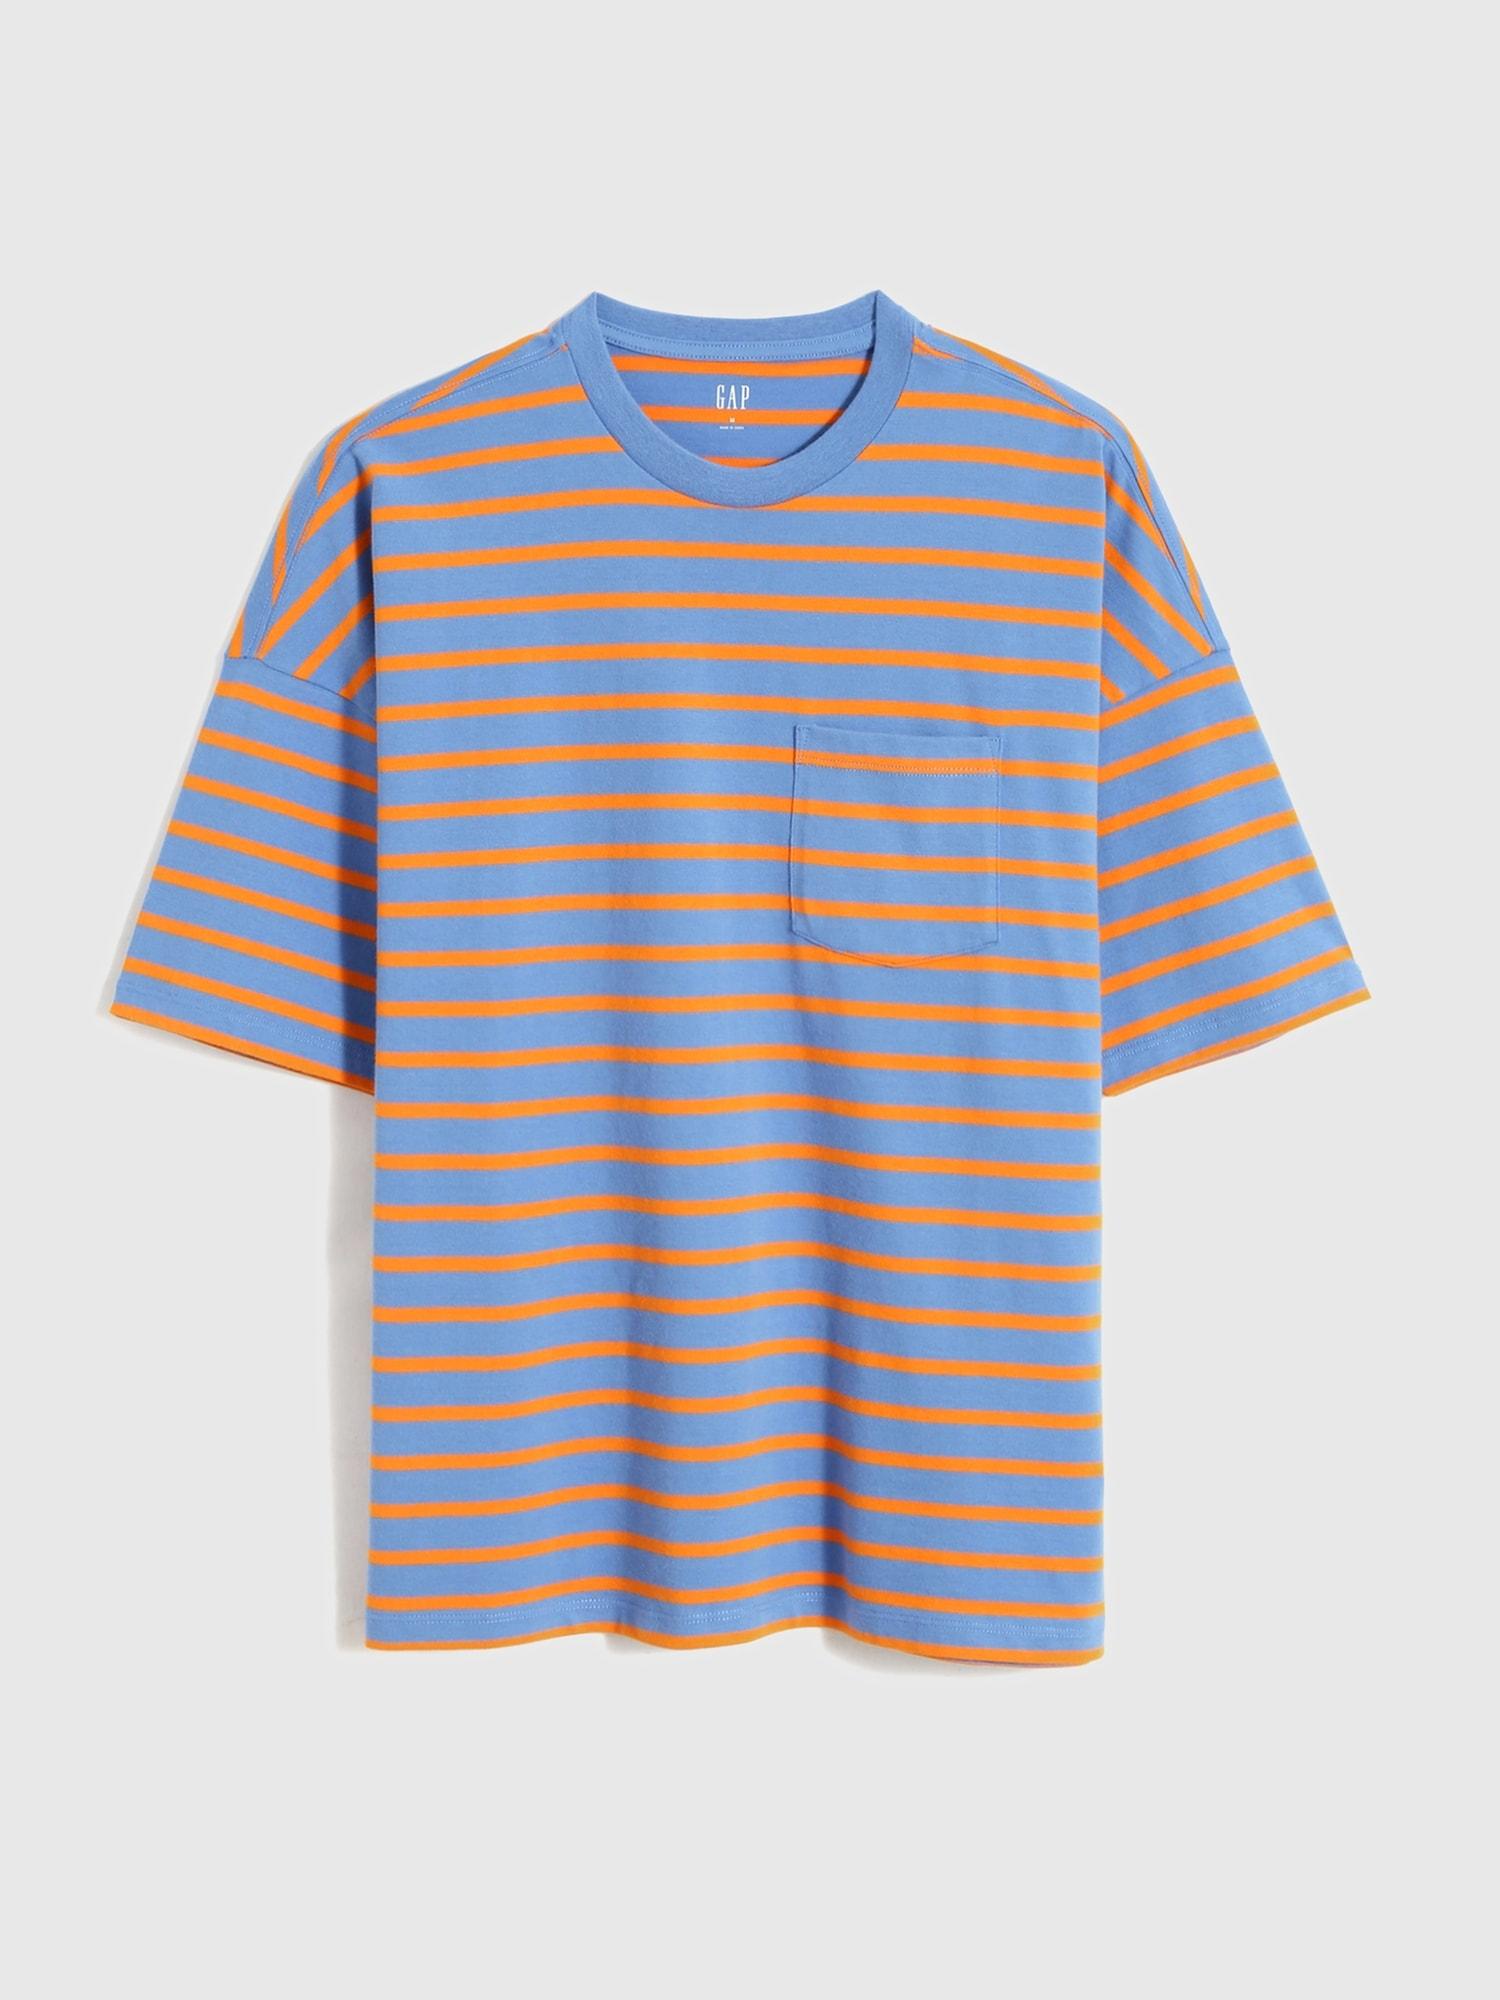 ベーシック 無地 ウルトラソフト 半袖tシャツ